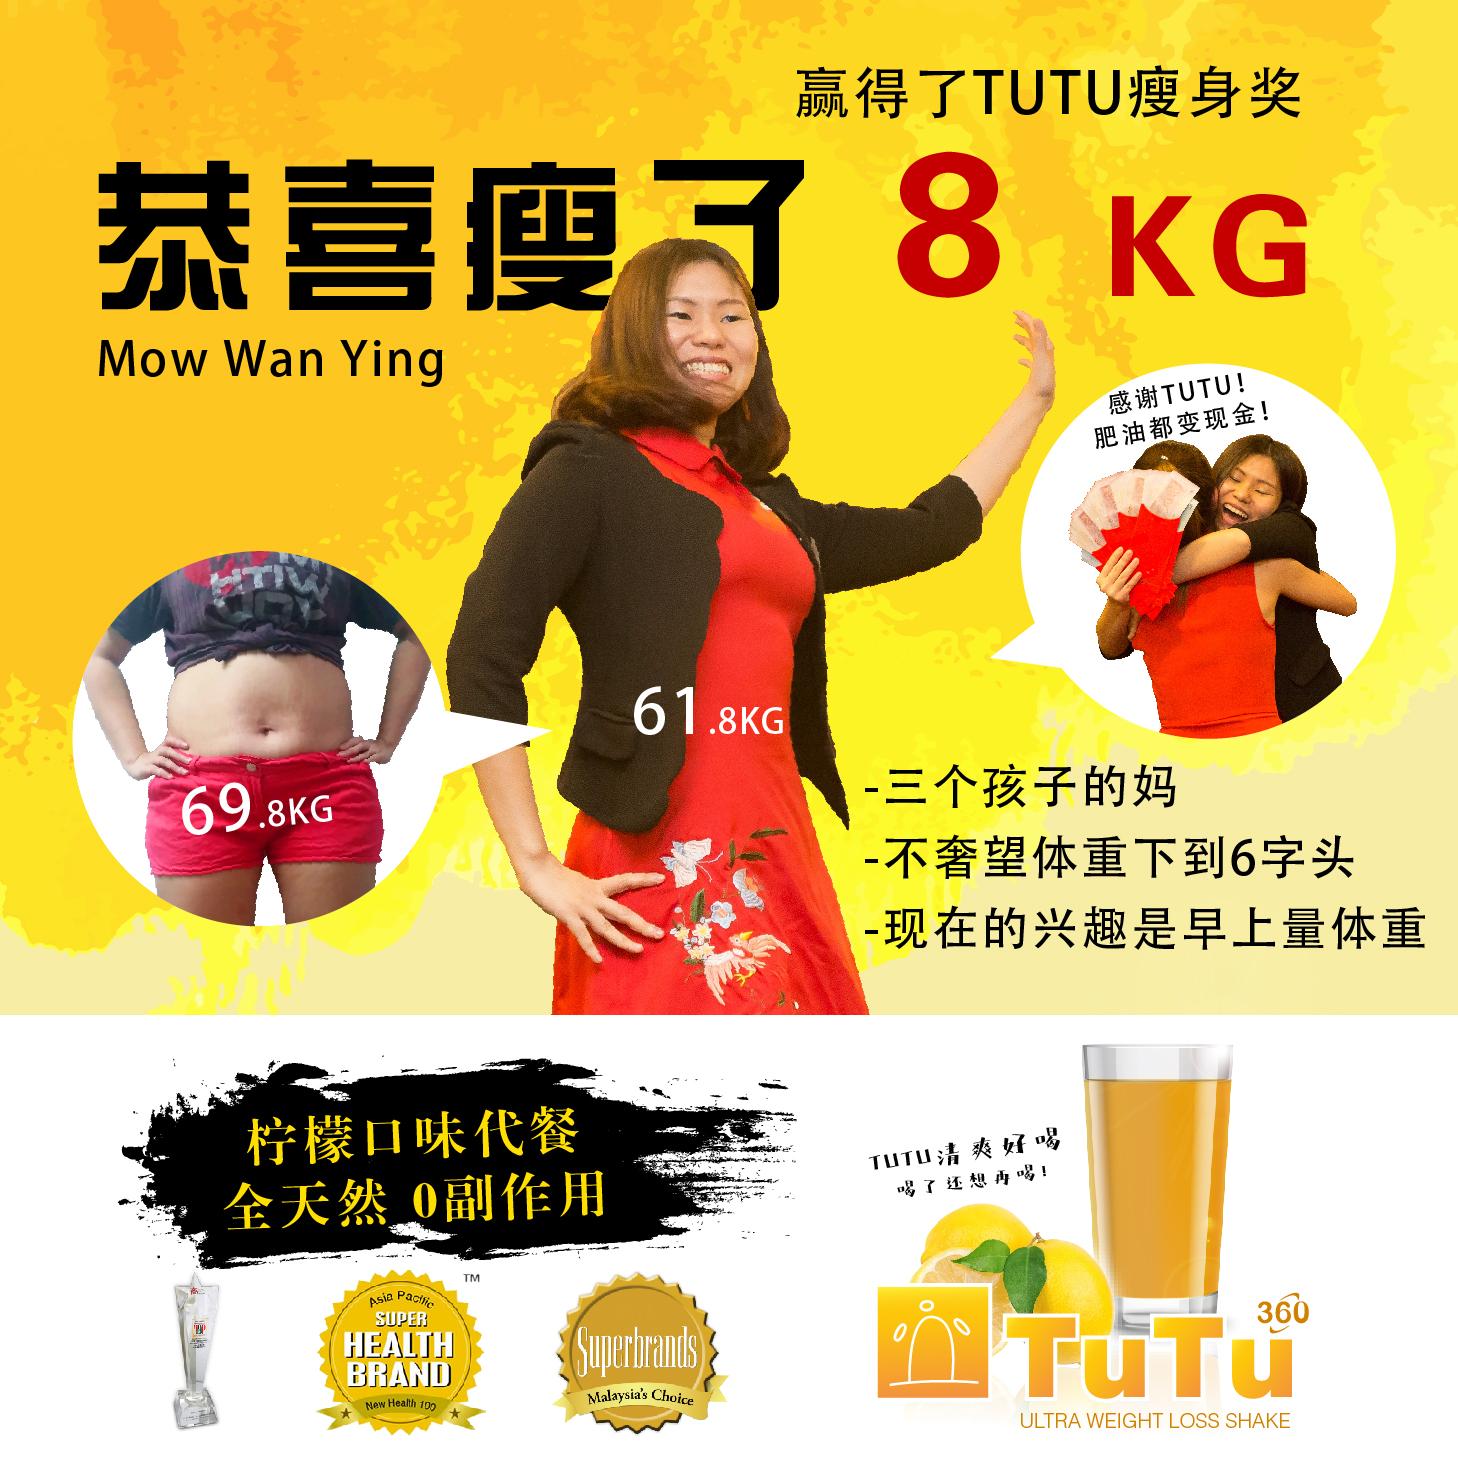 tutu 宣传图-19